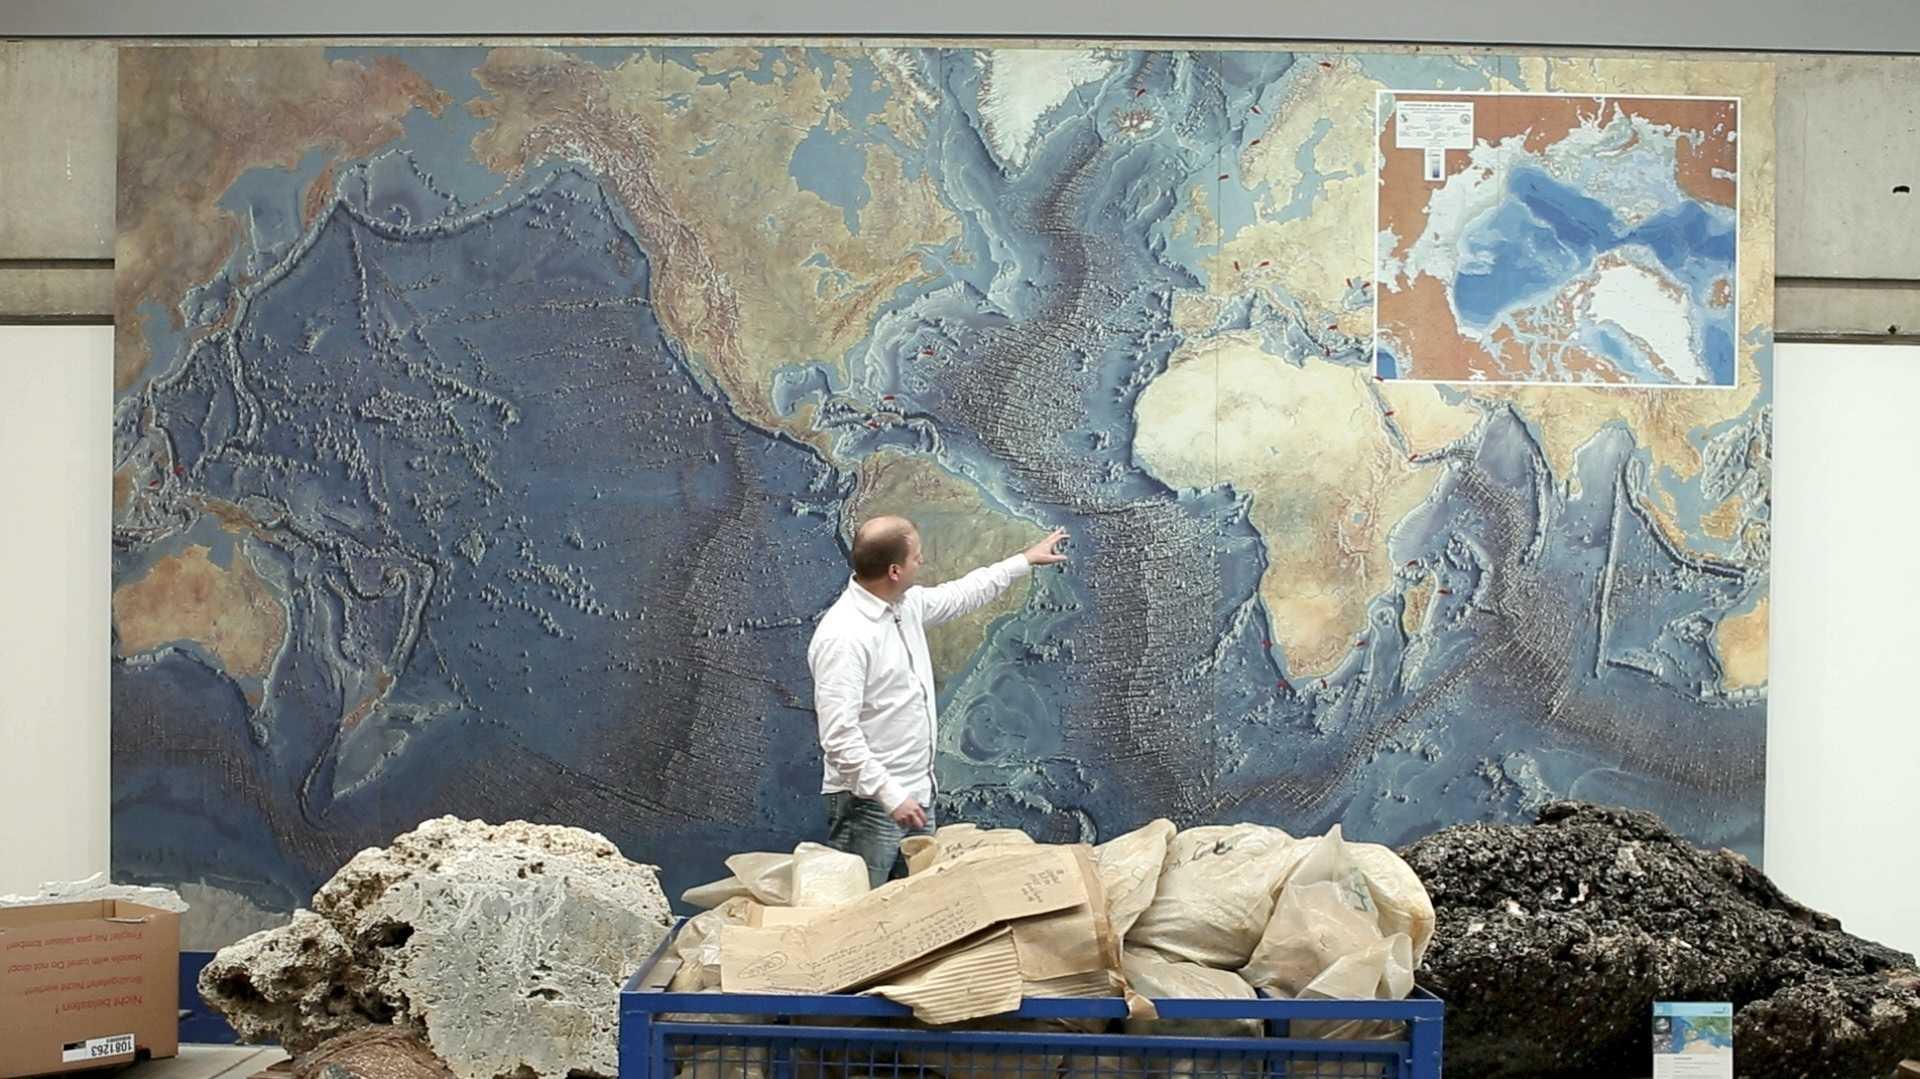 Ausstellung lässt tief in die Ozeane blicken